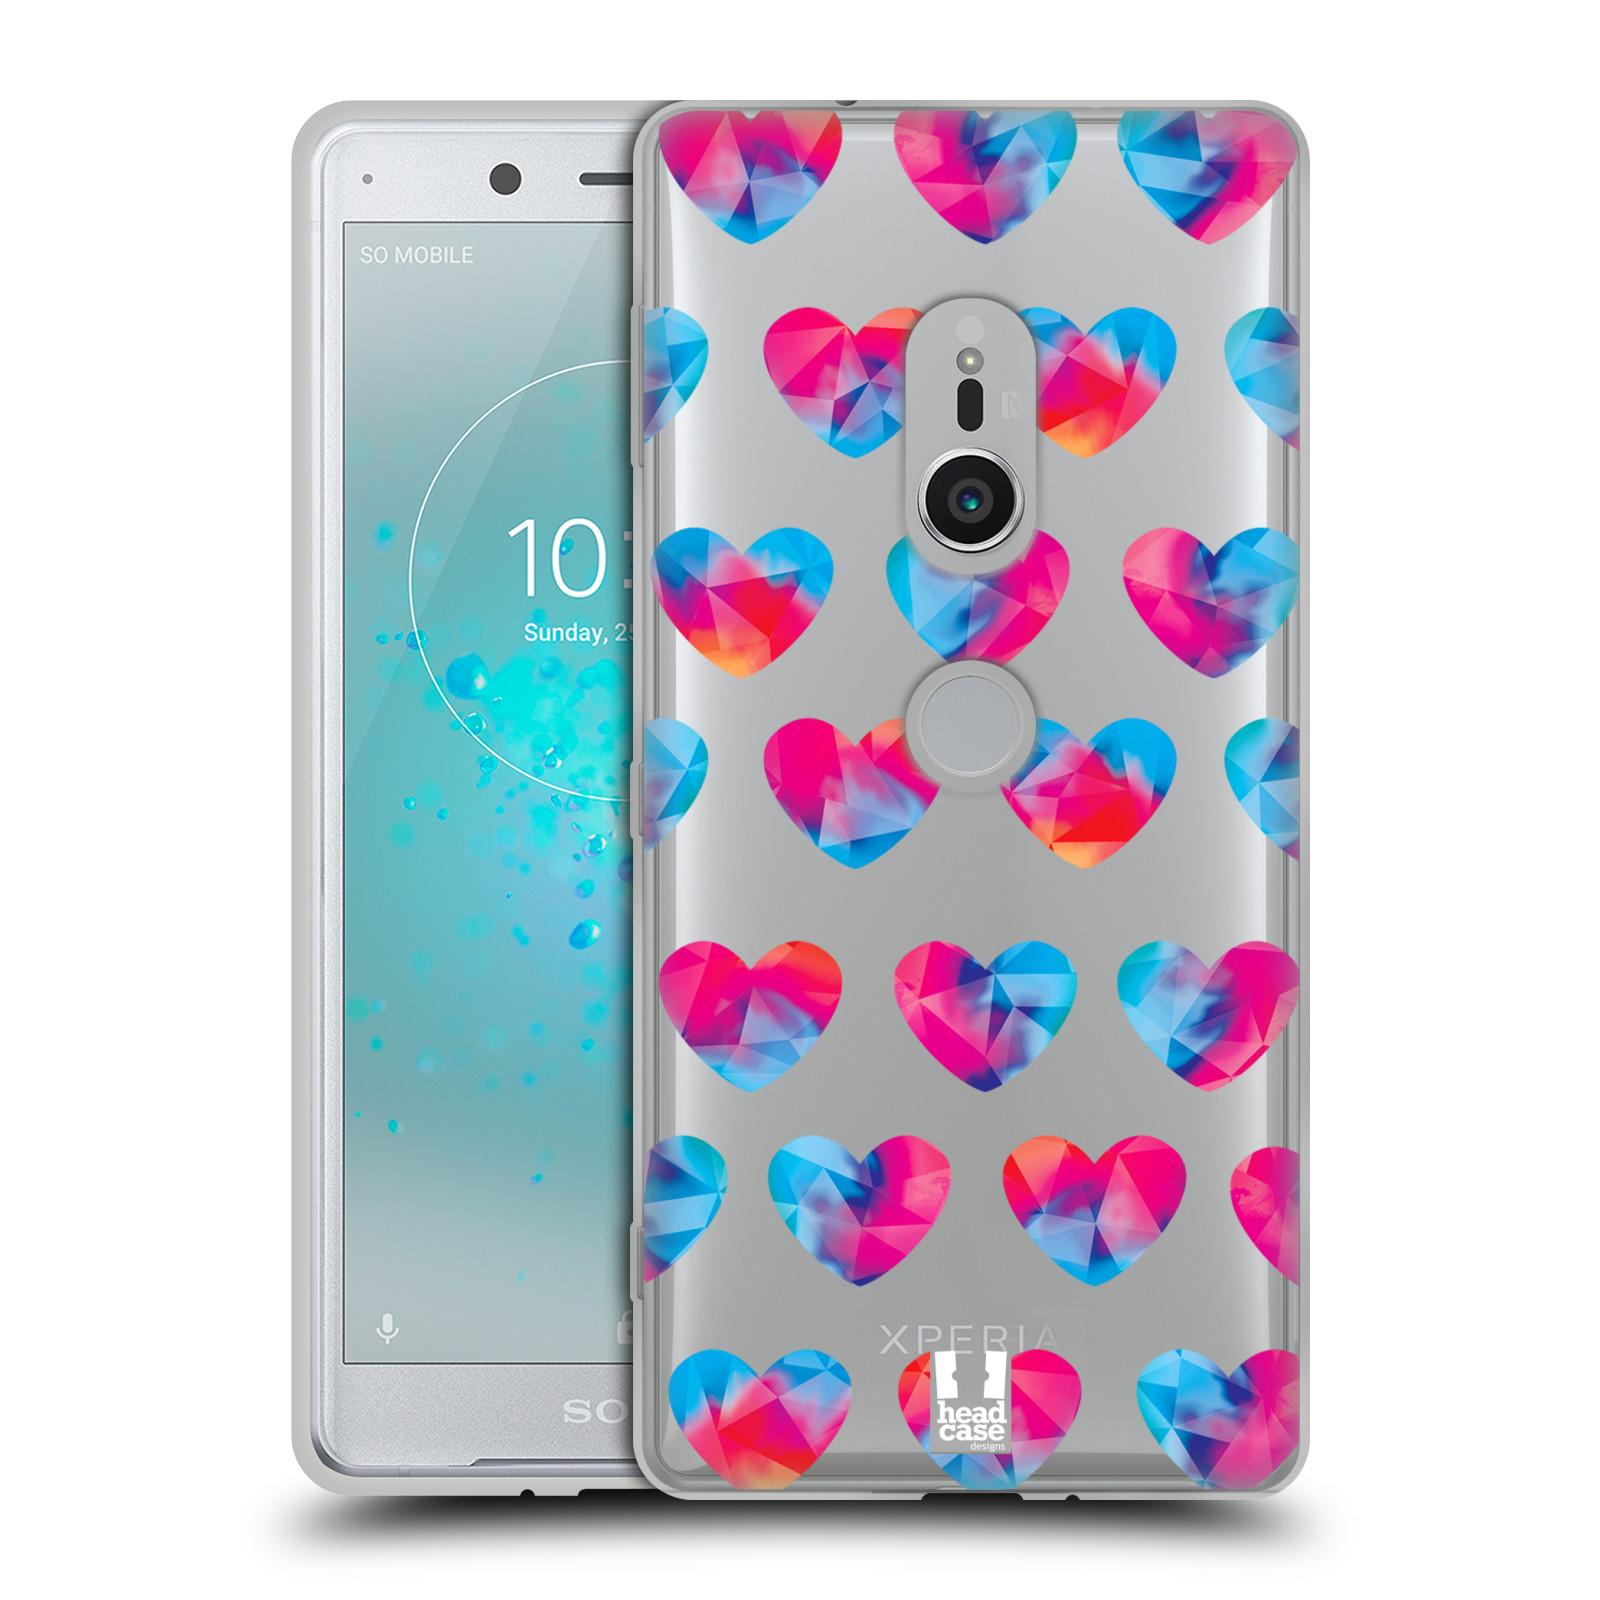 Silikonové pouzdro na mobil Sony Xperia XZ2 - Head Case - Srdíčka hrající barvami